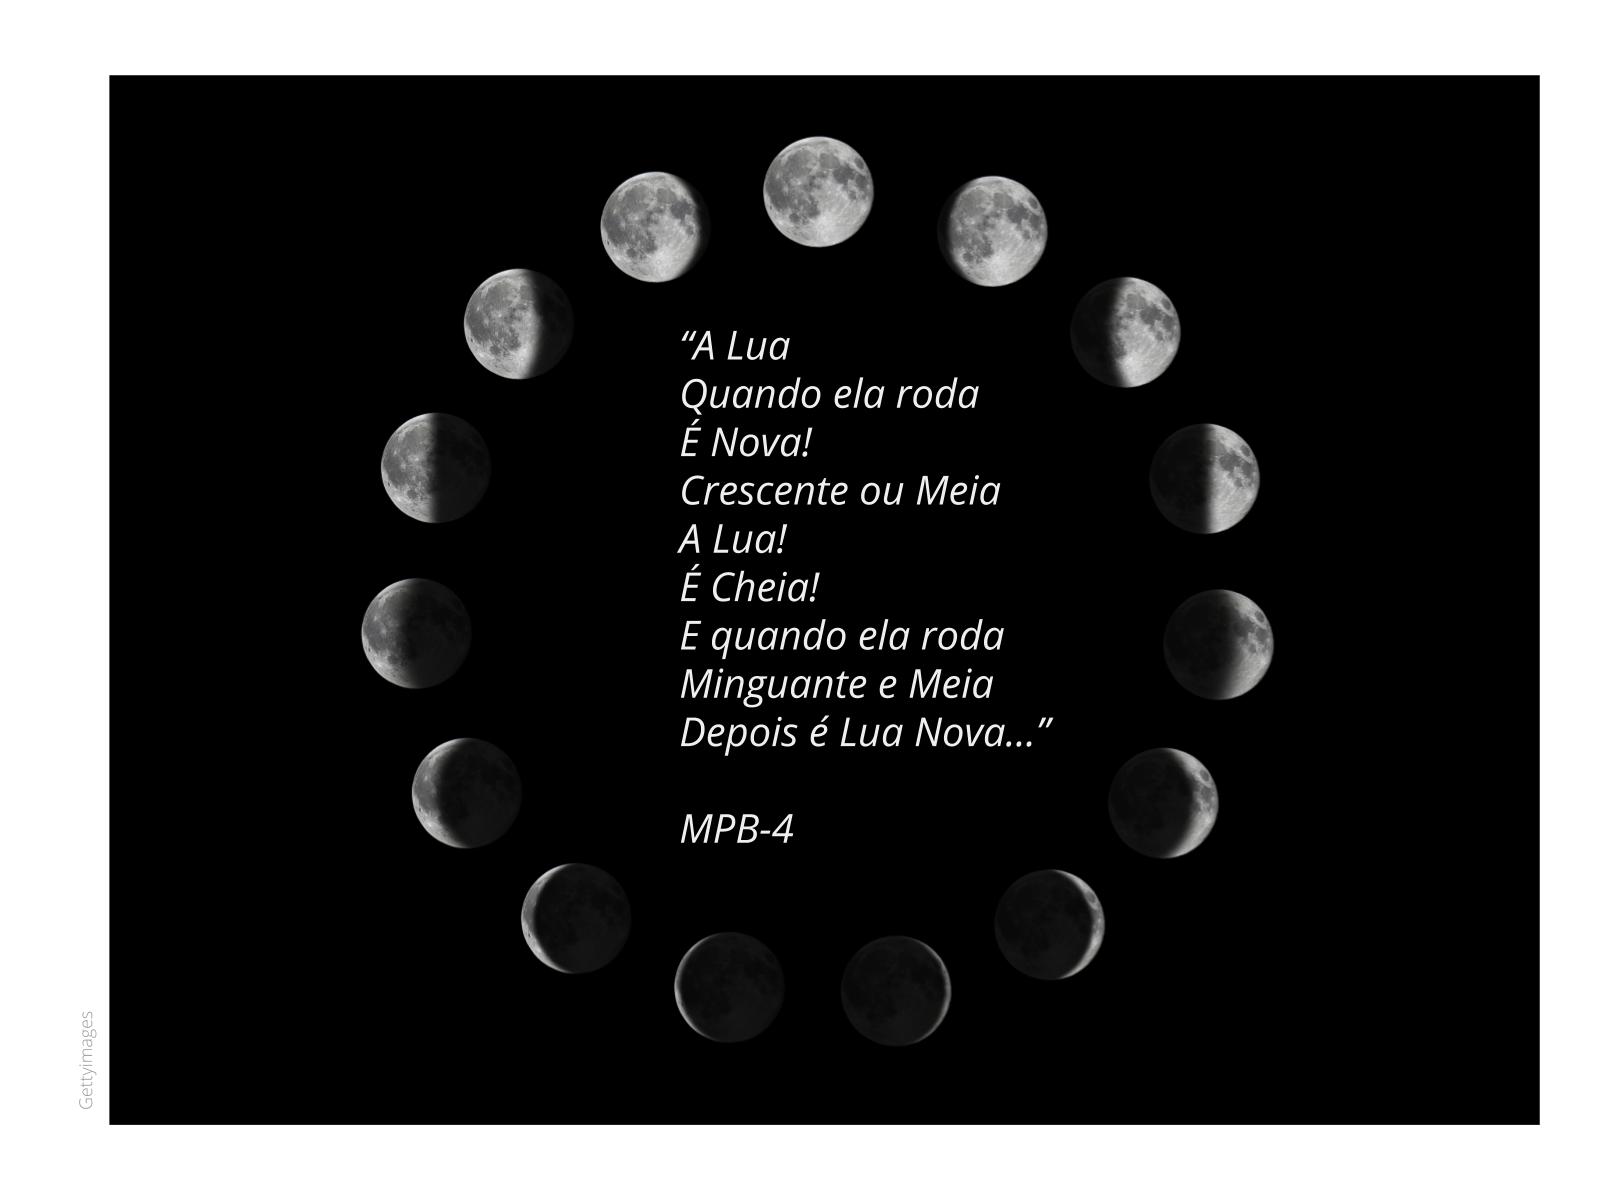 Modelo para Fases da Lua